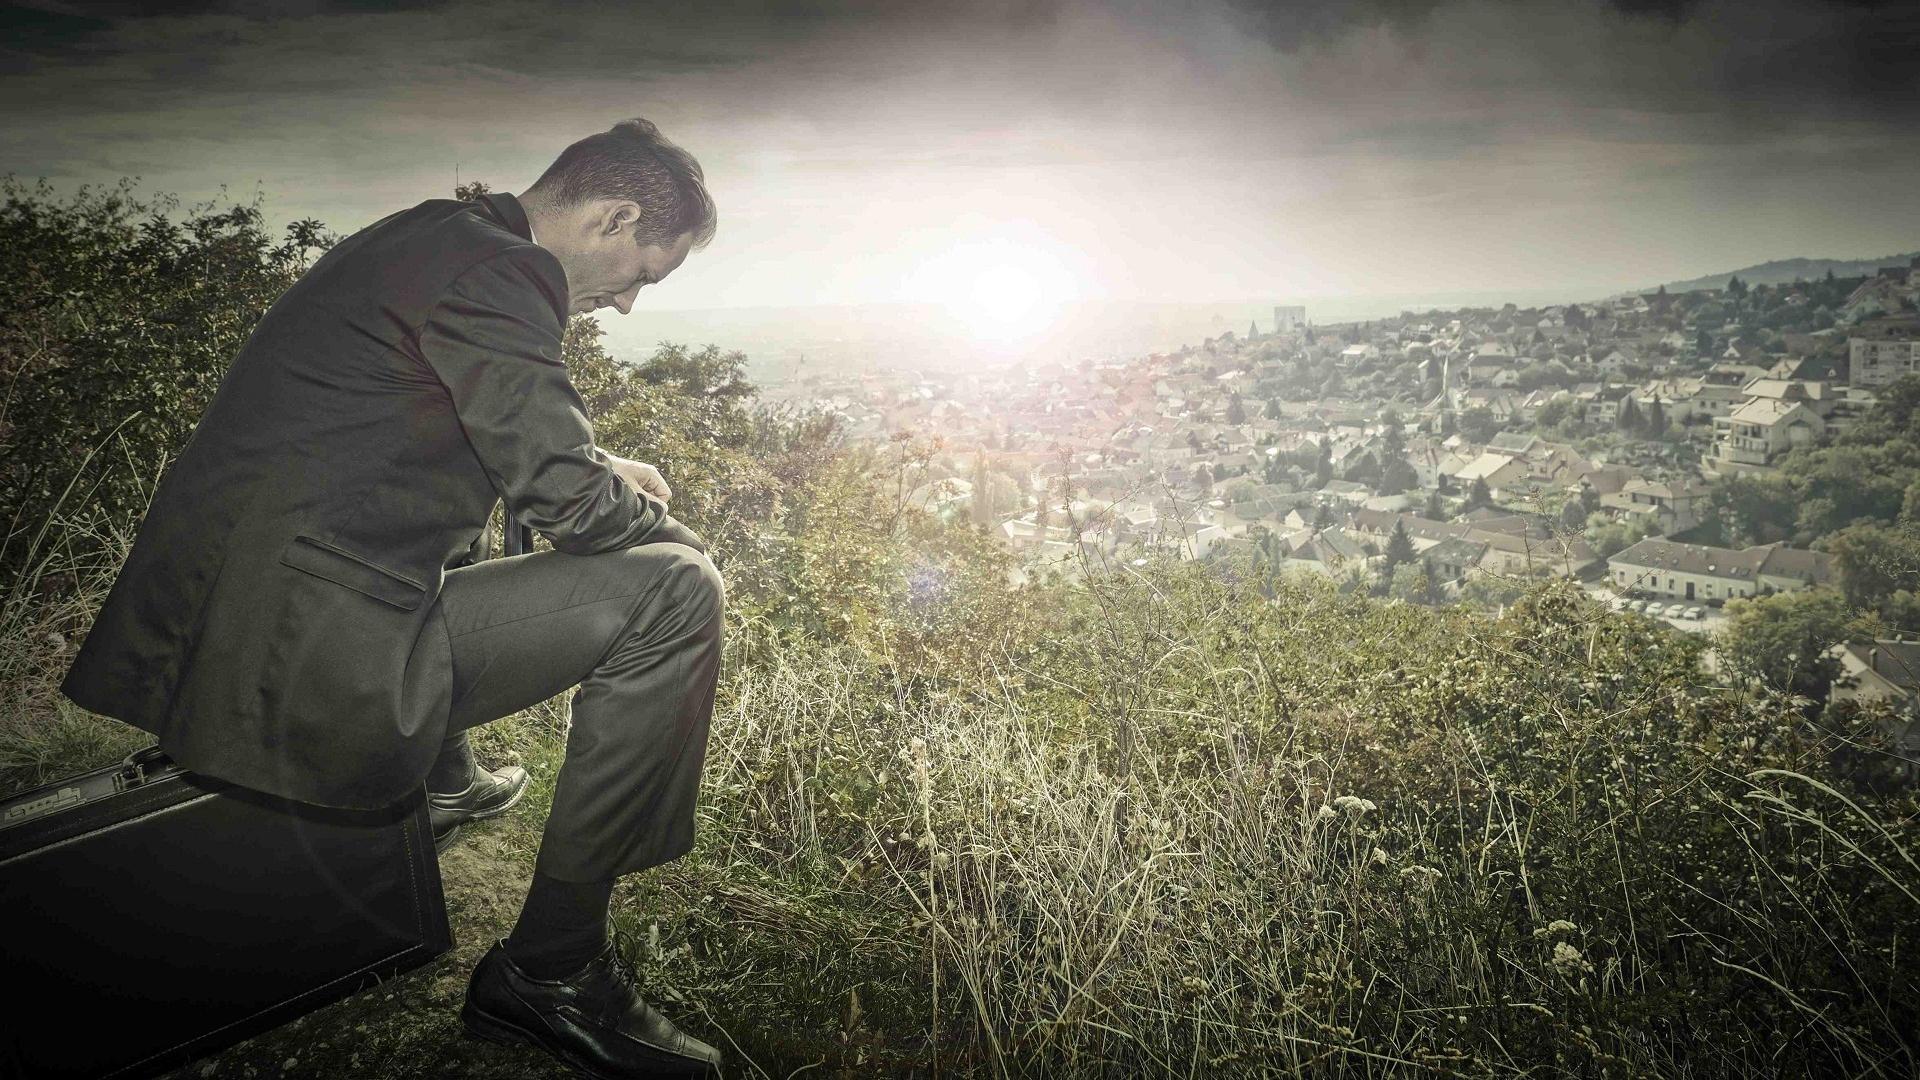 Глубину чувства одиночества определил возраст